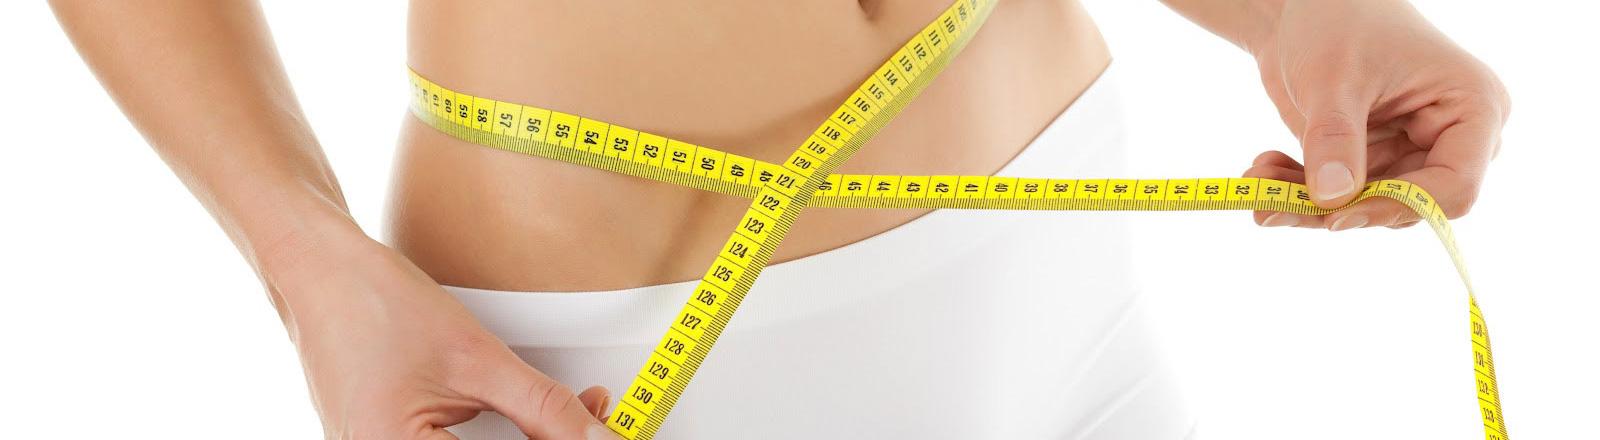 dietas adelgazamiento